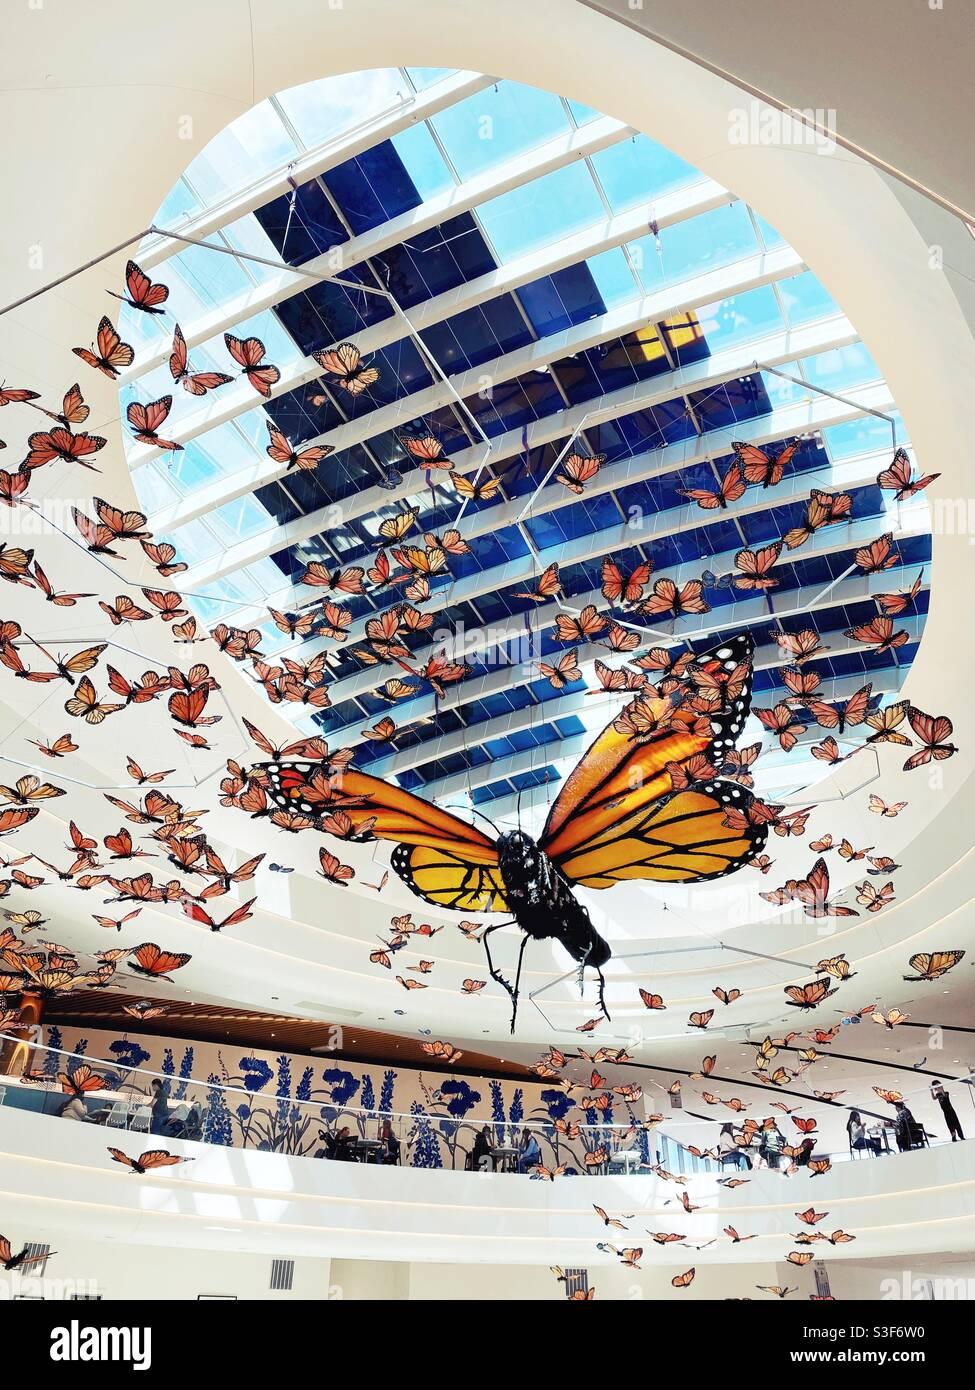 Kaleidoscope, un'installazione artistica presso il Mall of America. Foto Stock